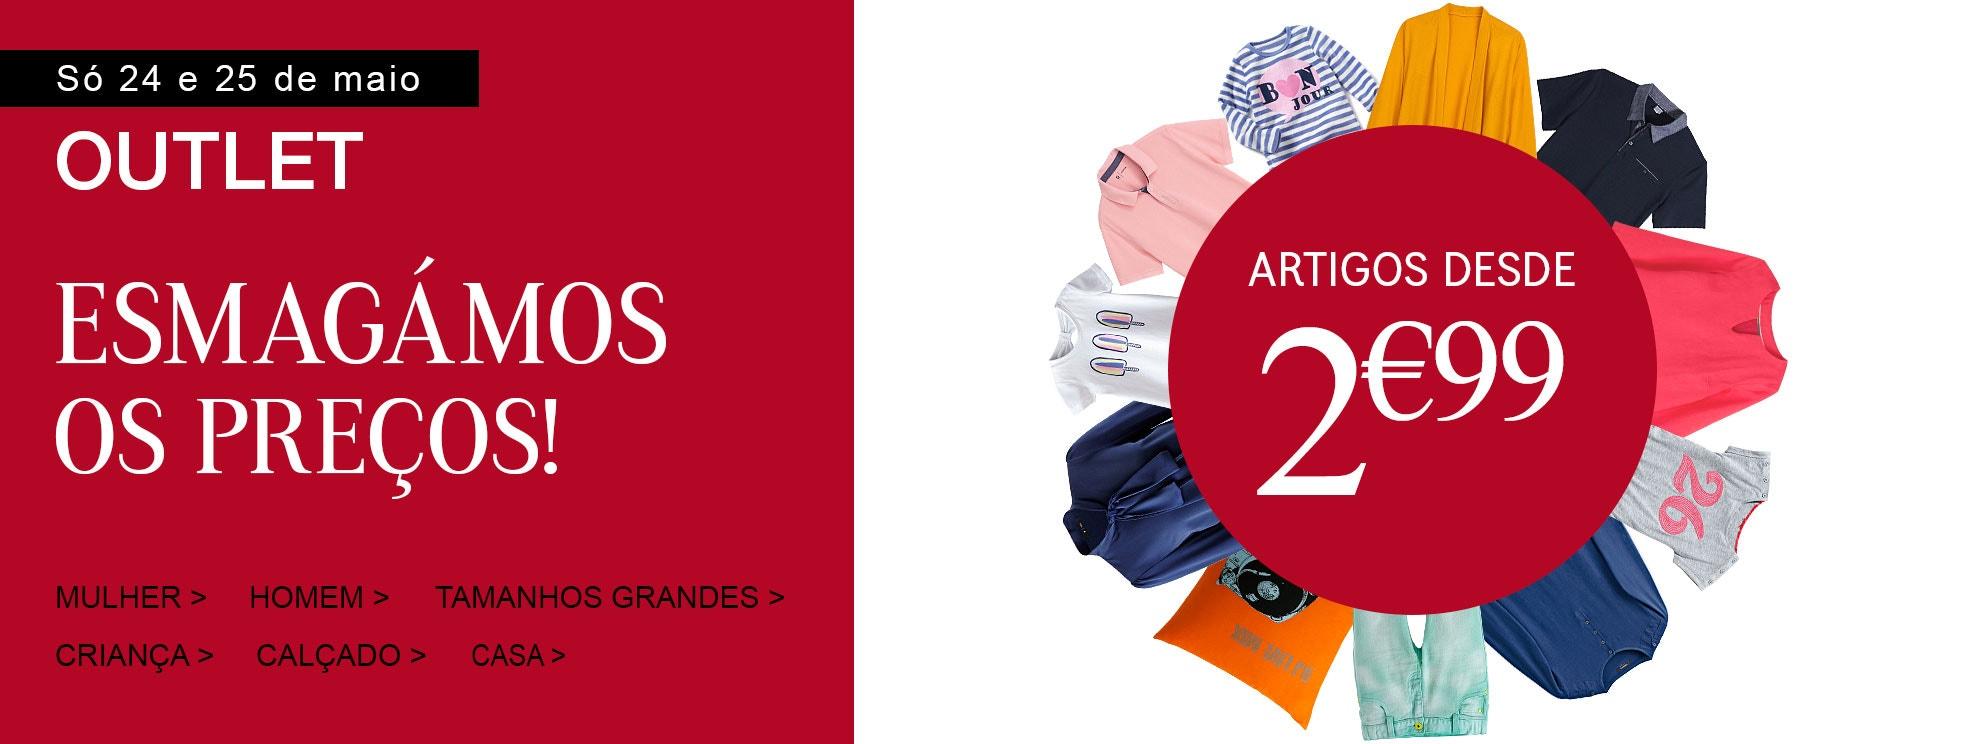 OUTLET Esmagámos os preços - artigos desde 2,99€